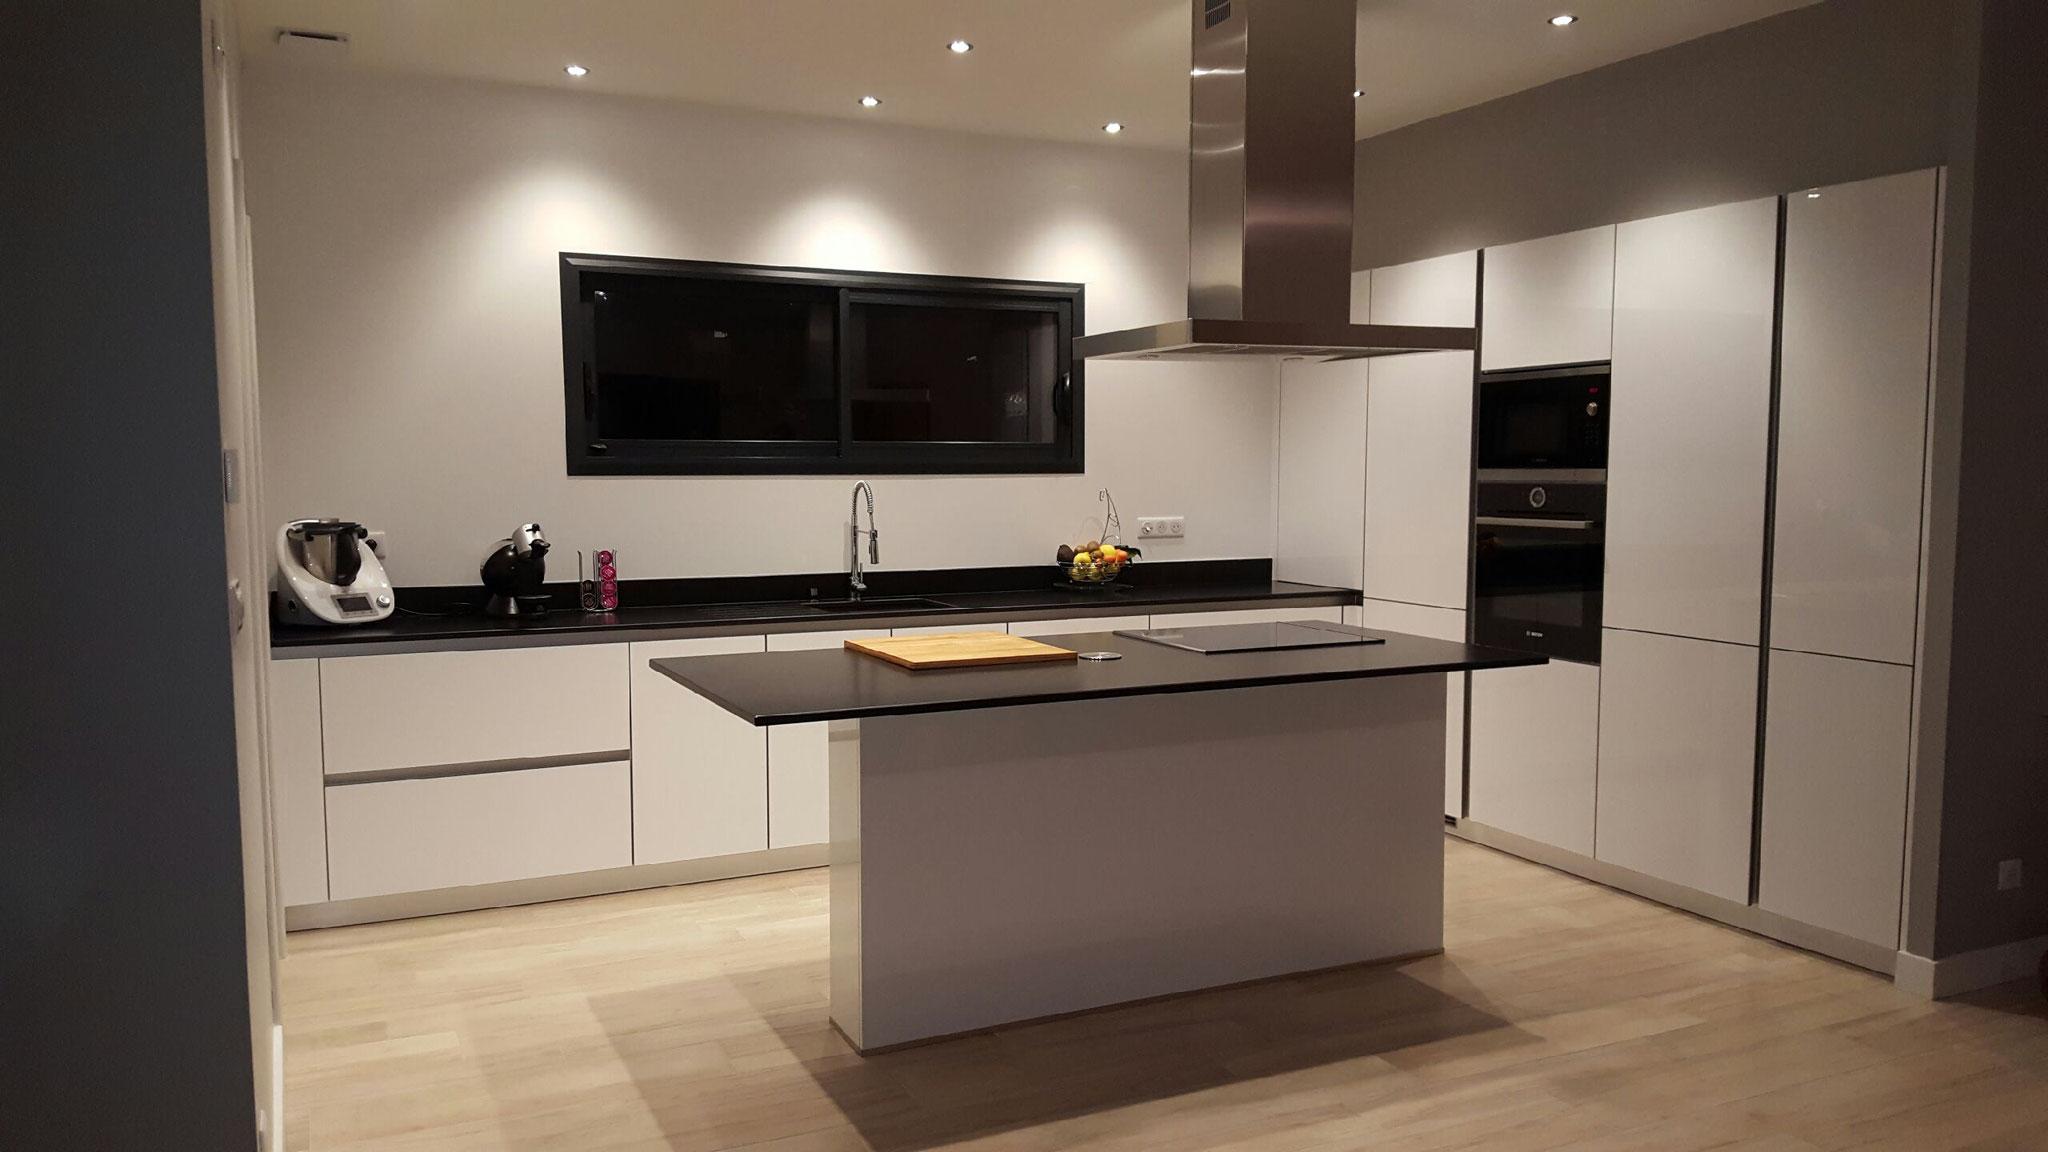 Exemples de r alisations de cuisine cuisine interieur for Dimension cuisine equipee